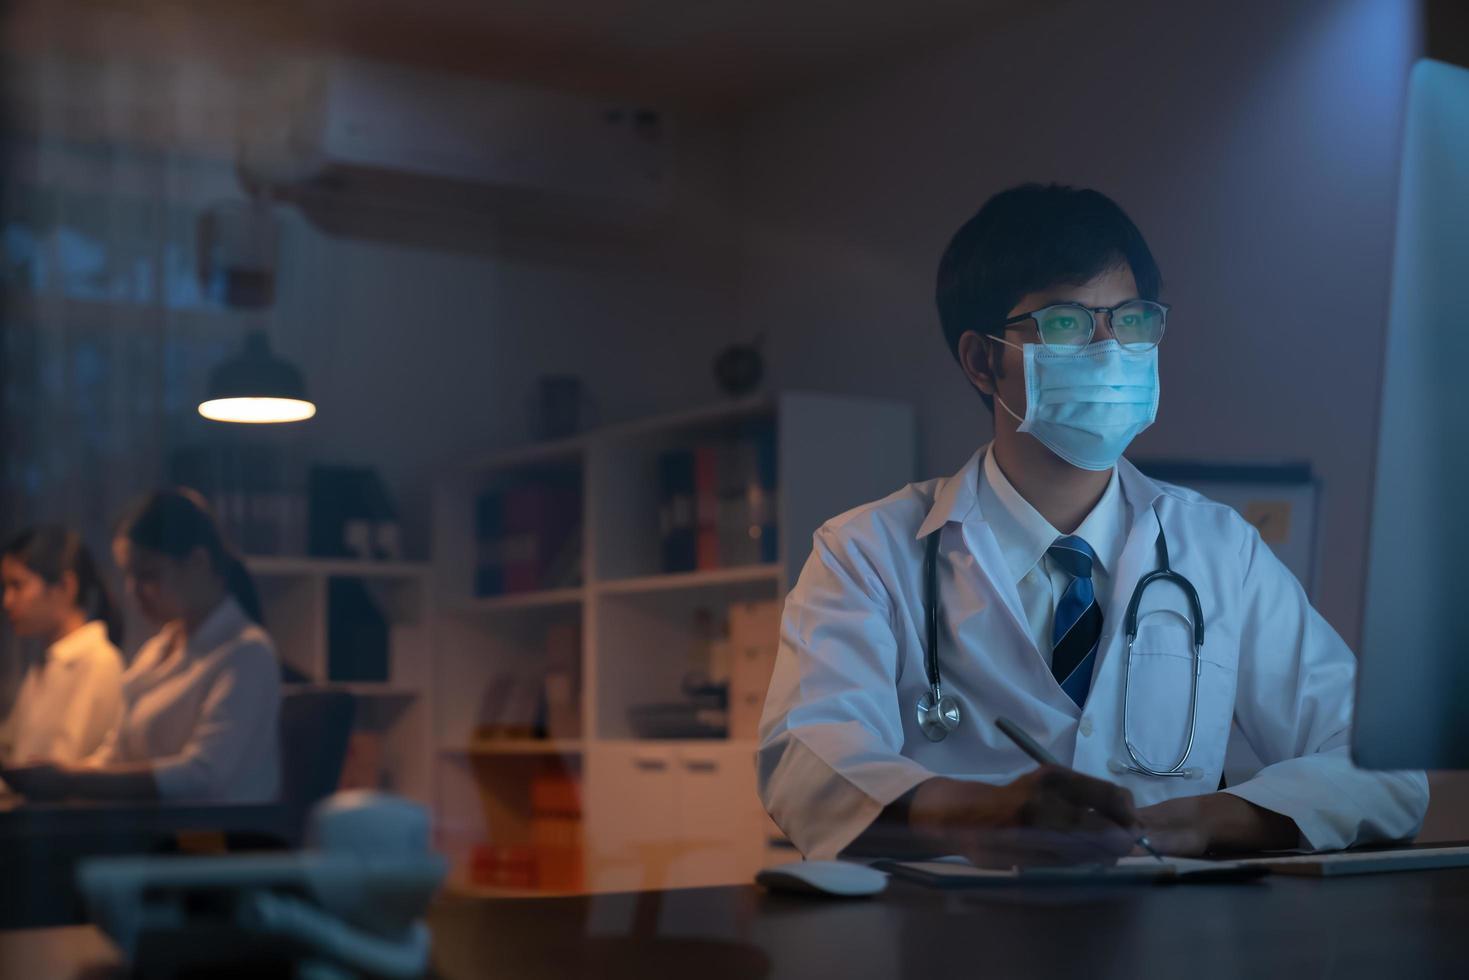 médecin de sexe masculin portant un masque travaillant sur ordinateur photo